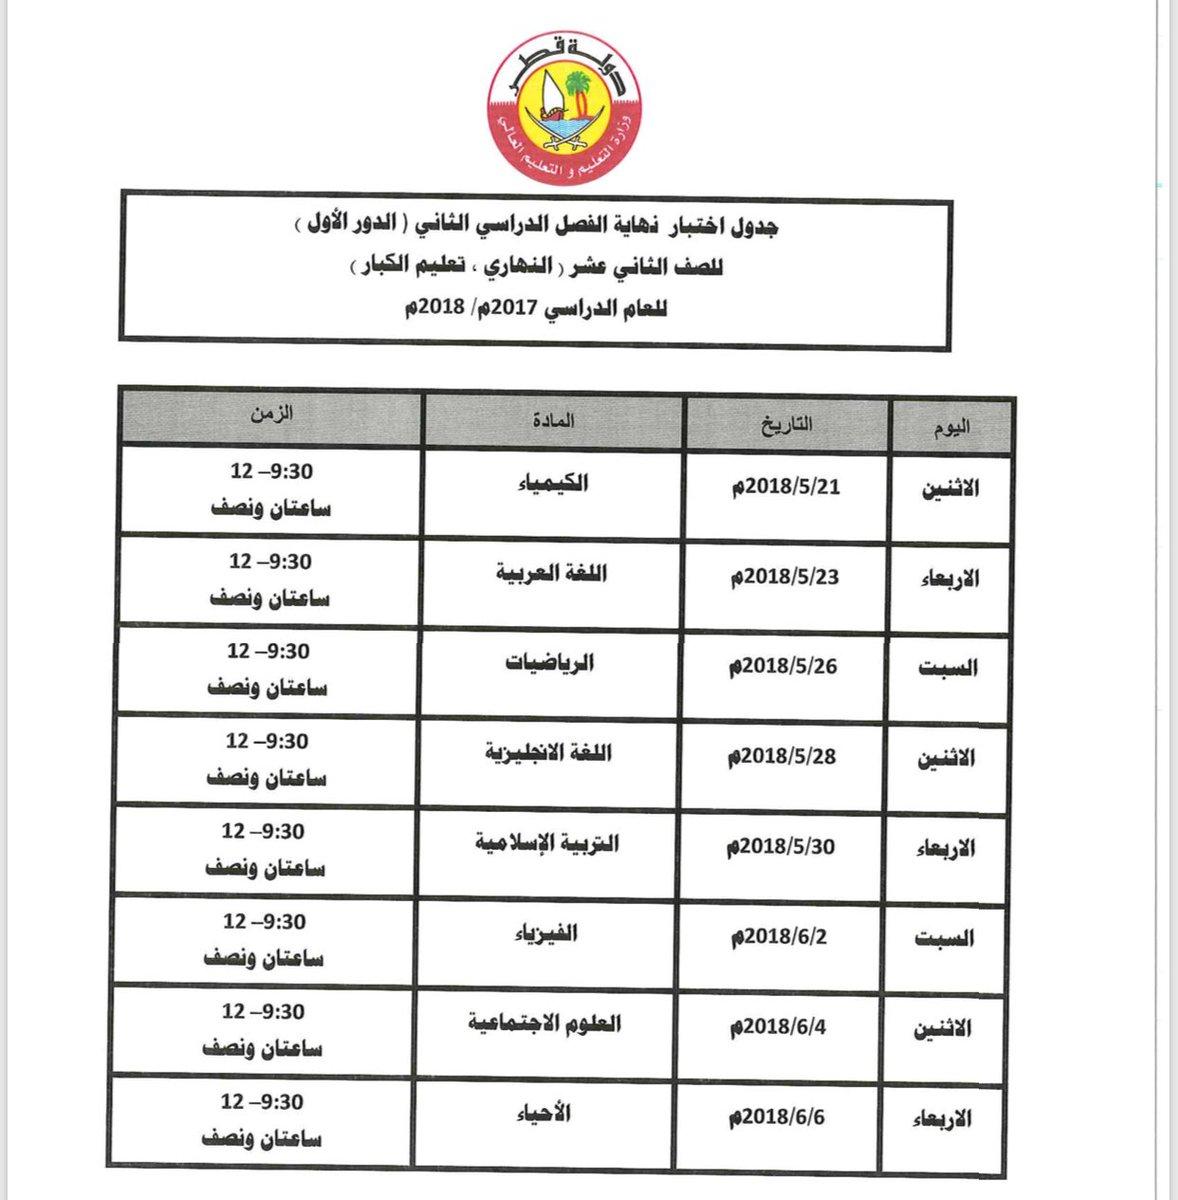 موعد اختبارات الفصل الدراسي الثاني